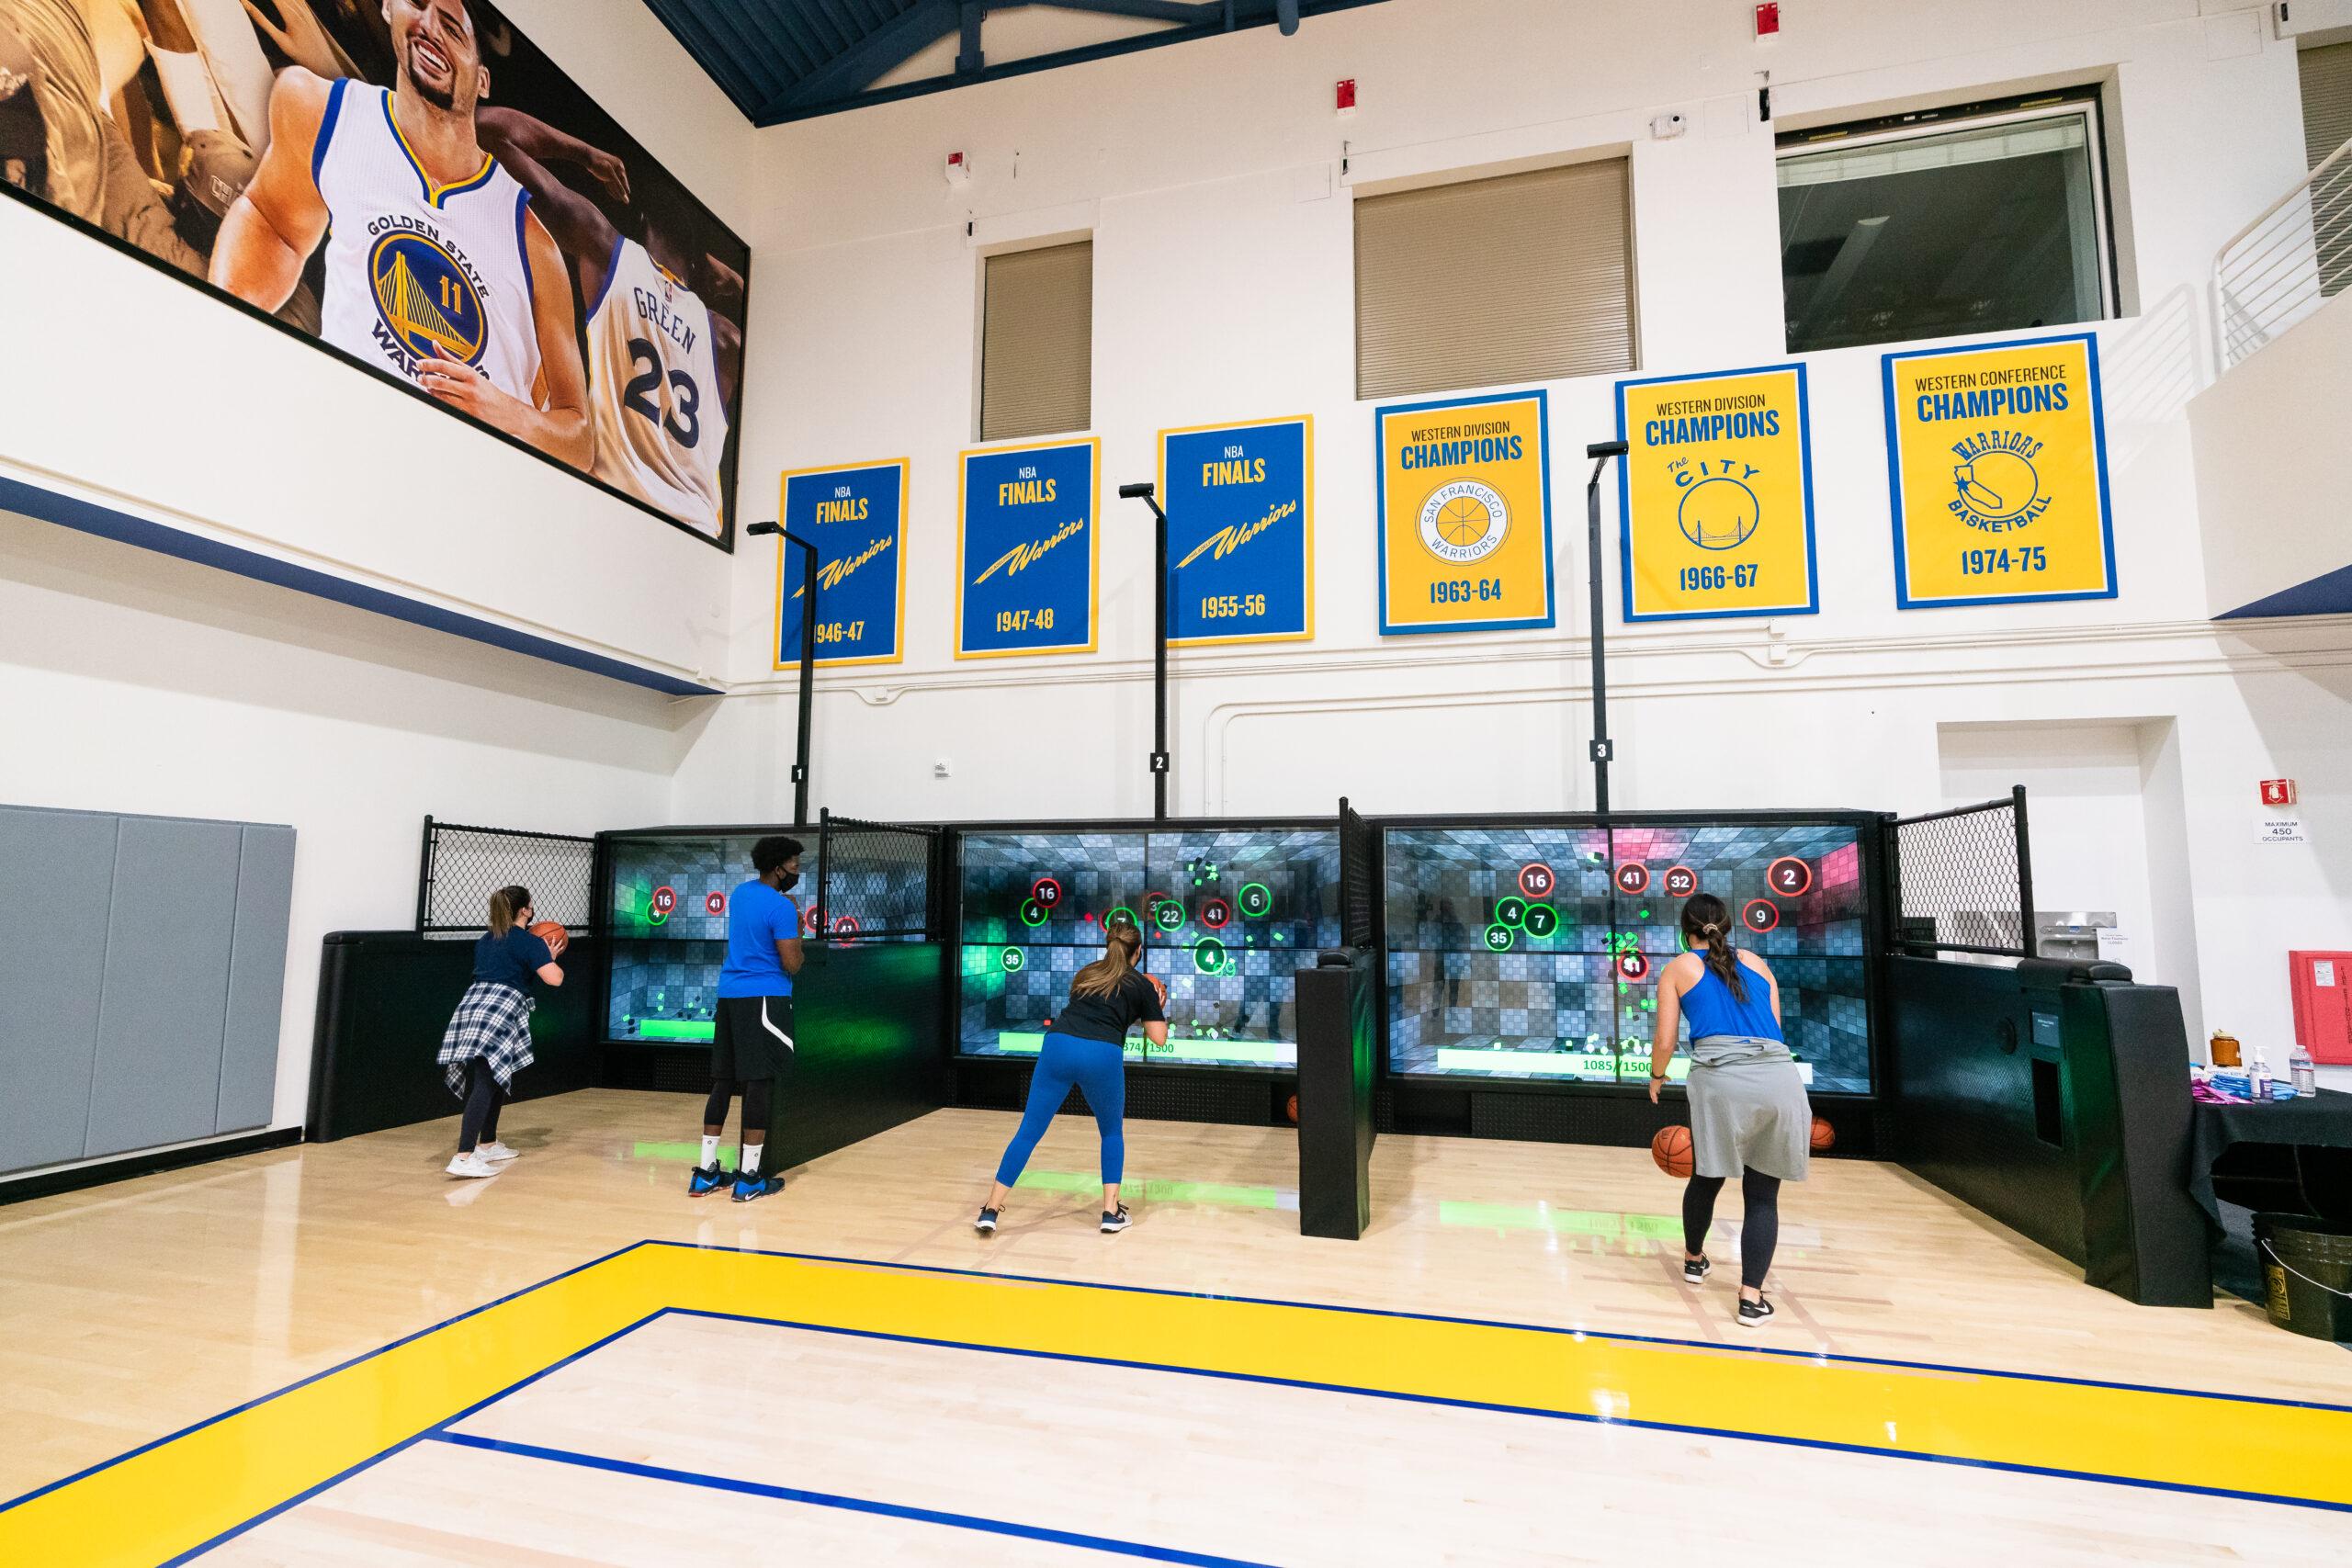 20210513_Warriors_Basketball_Academy_JL_075